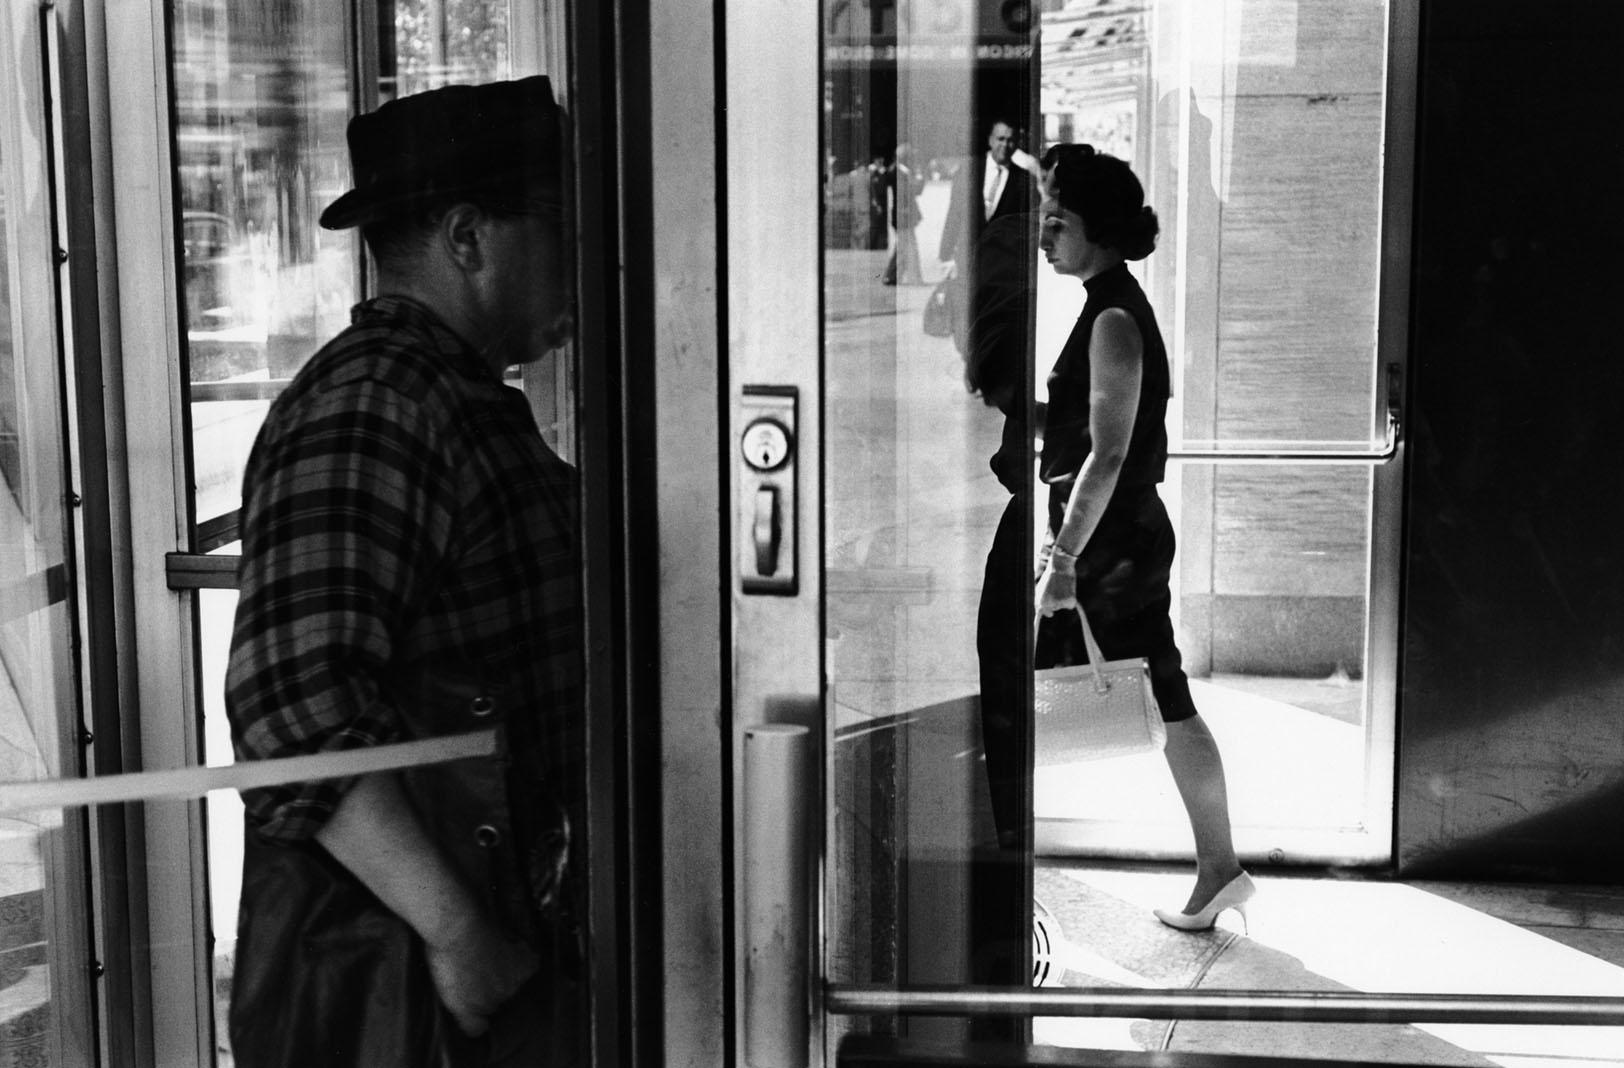 Imagen e un hombre y una mujer en una puerta giratoria